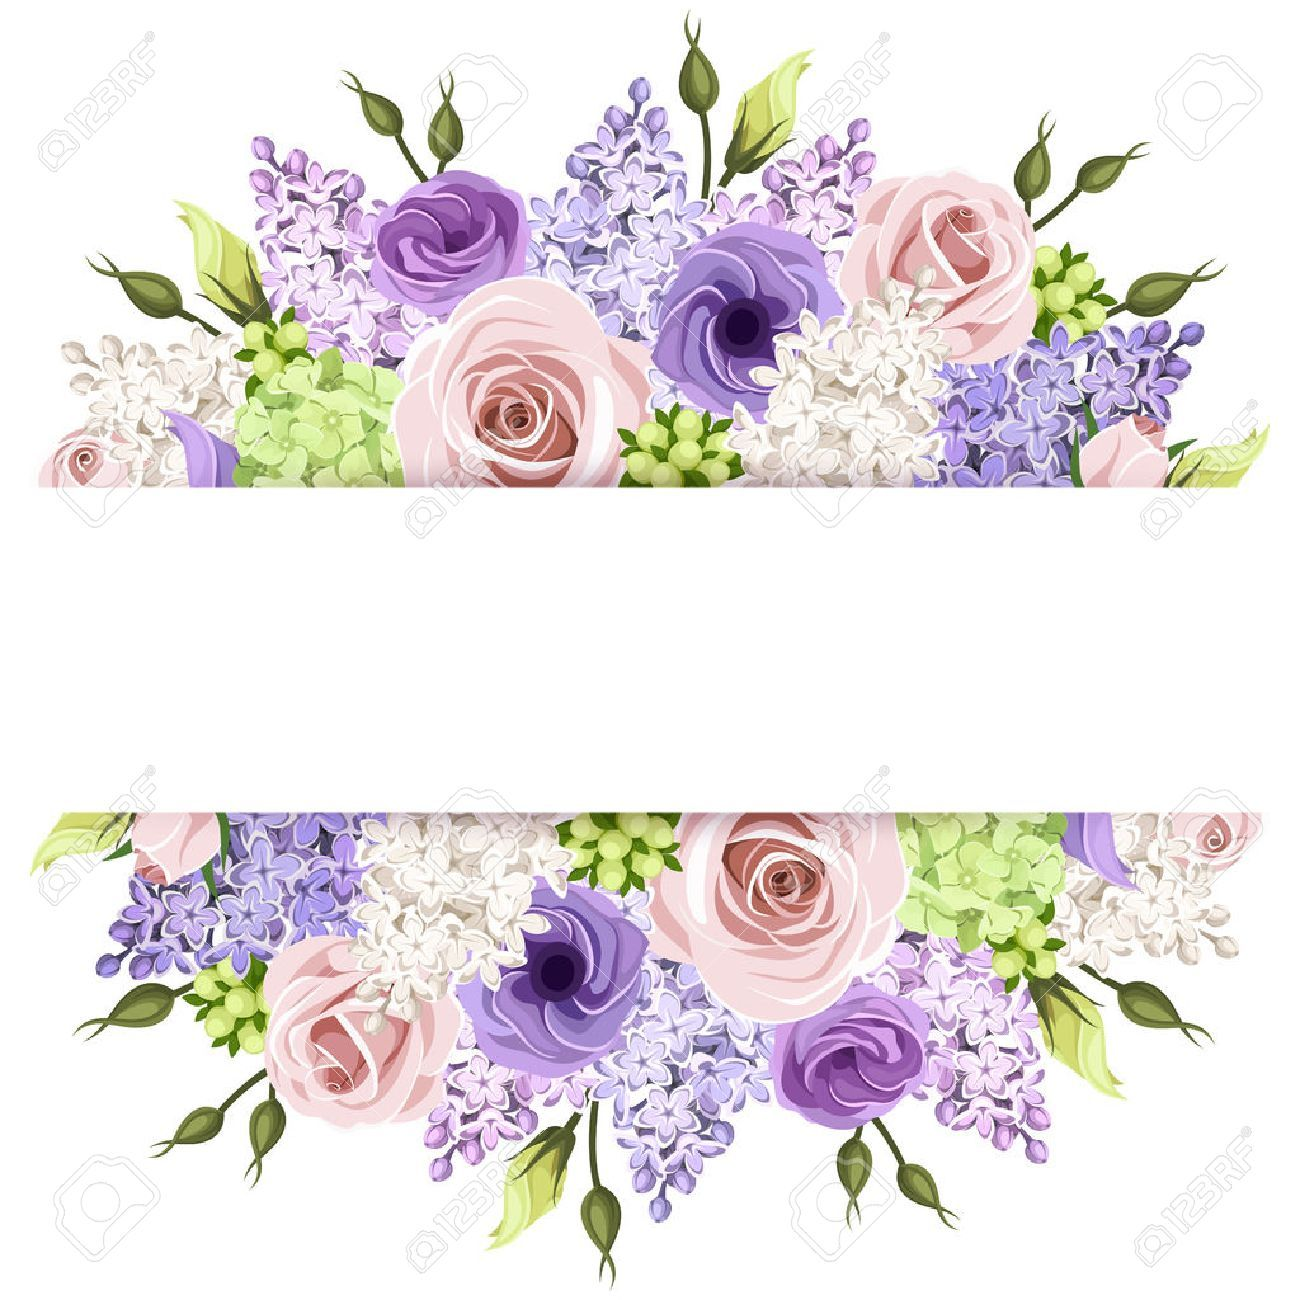 Fondo Con Rosas De Color Rosa Morado Y Blanco Y Flores De Color Lila Eps 10 De Vectores Flower Frame Flower Backgrounds Vintage Flowers